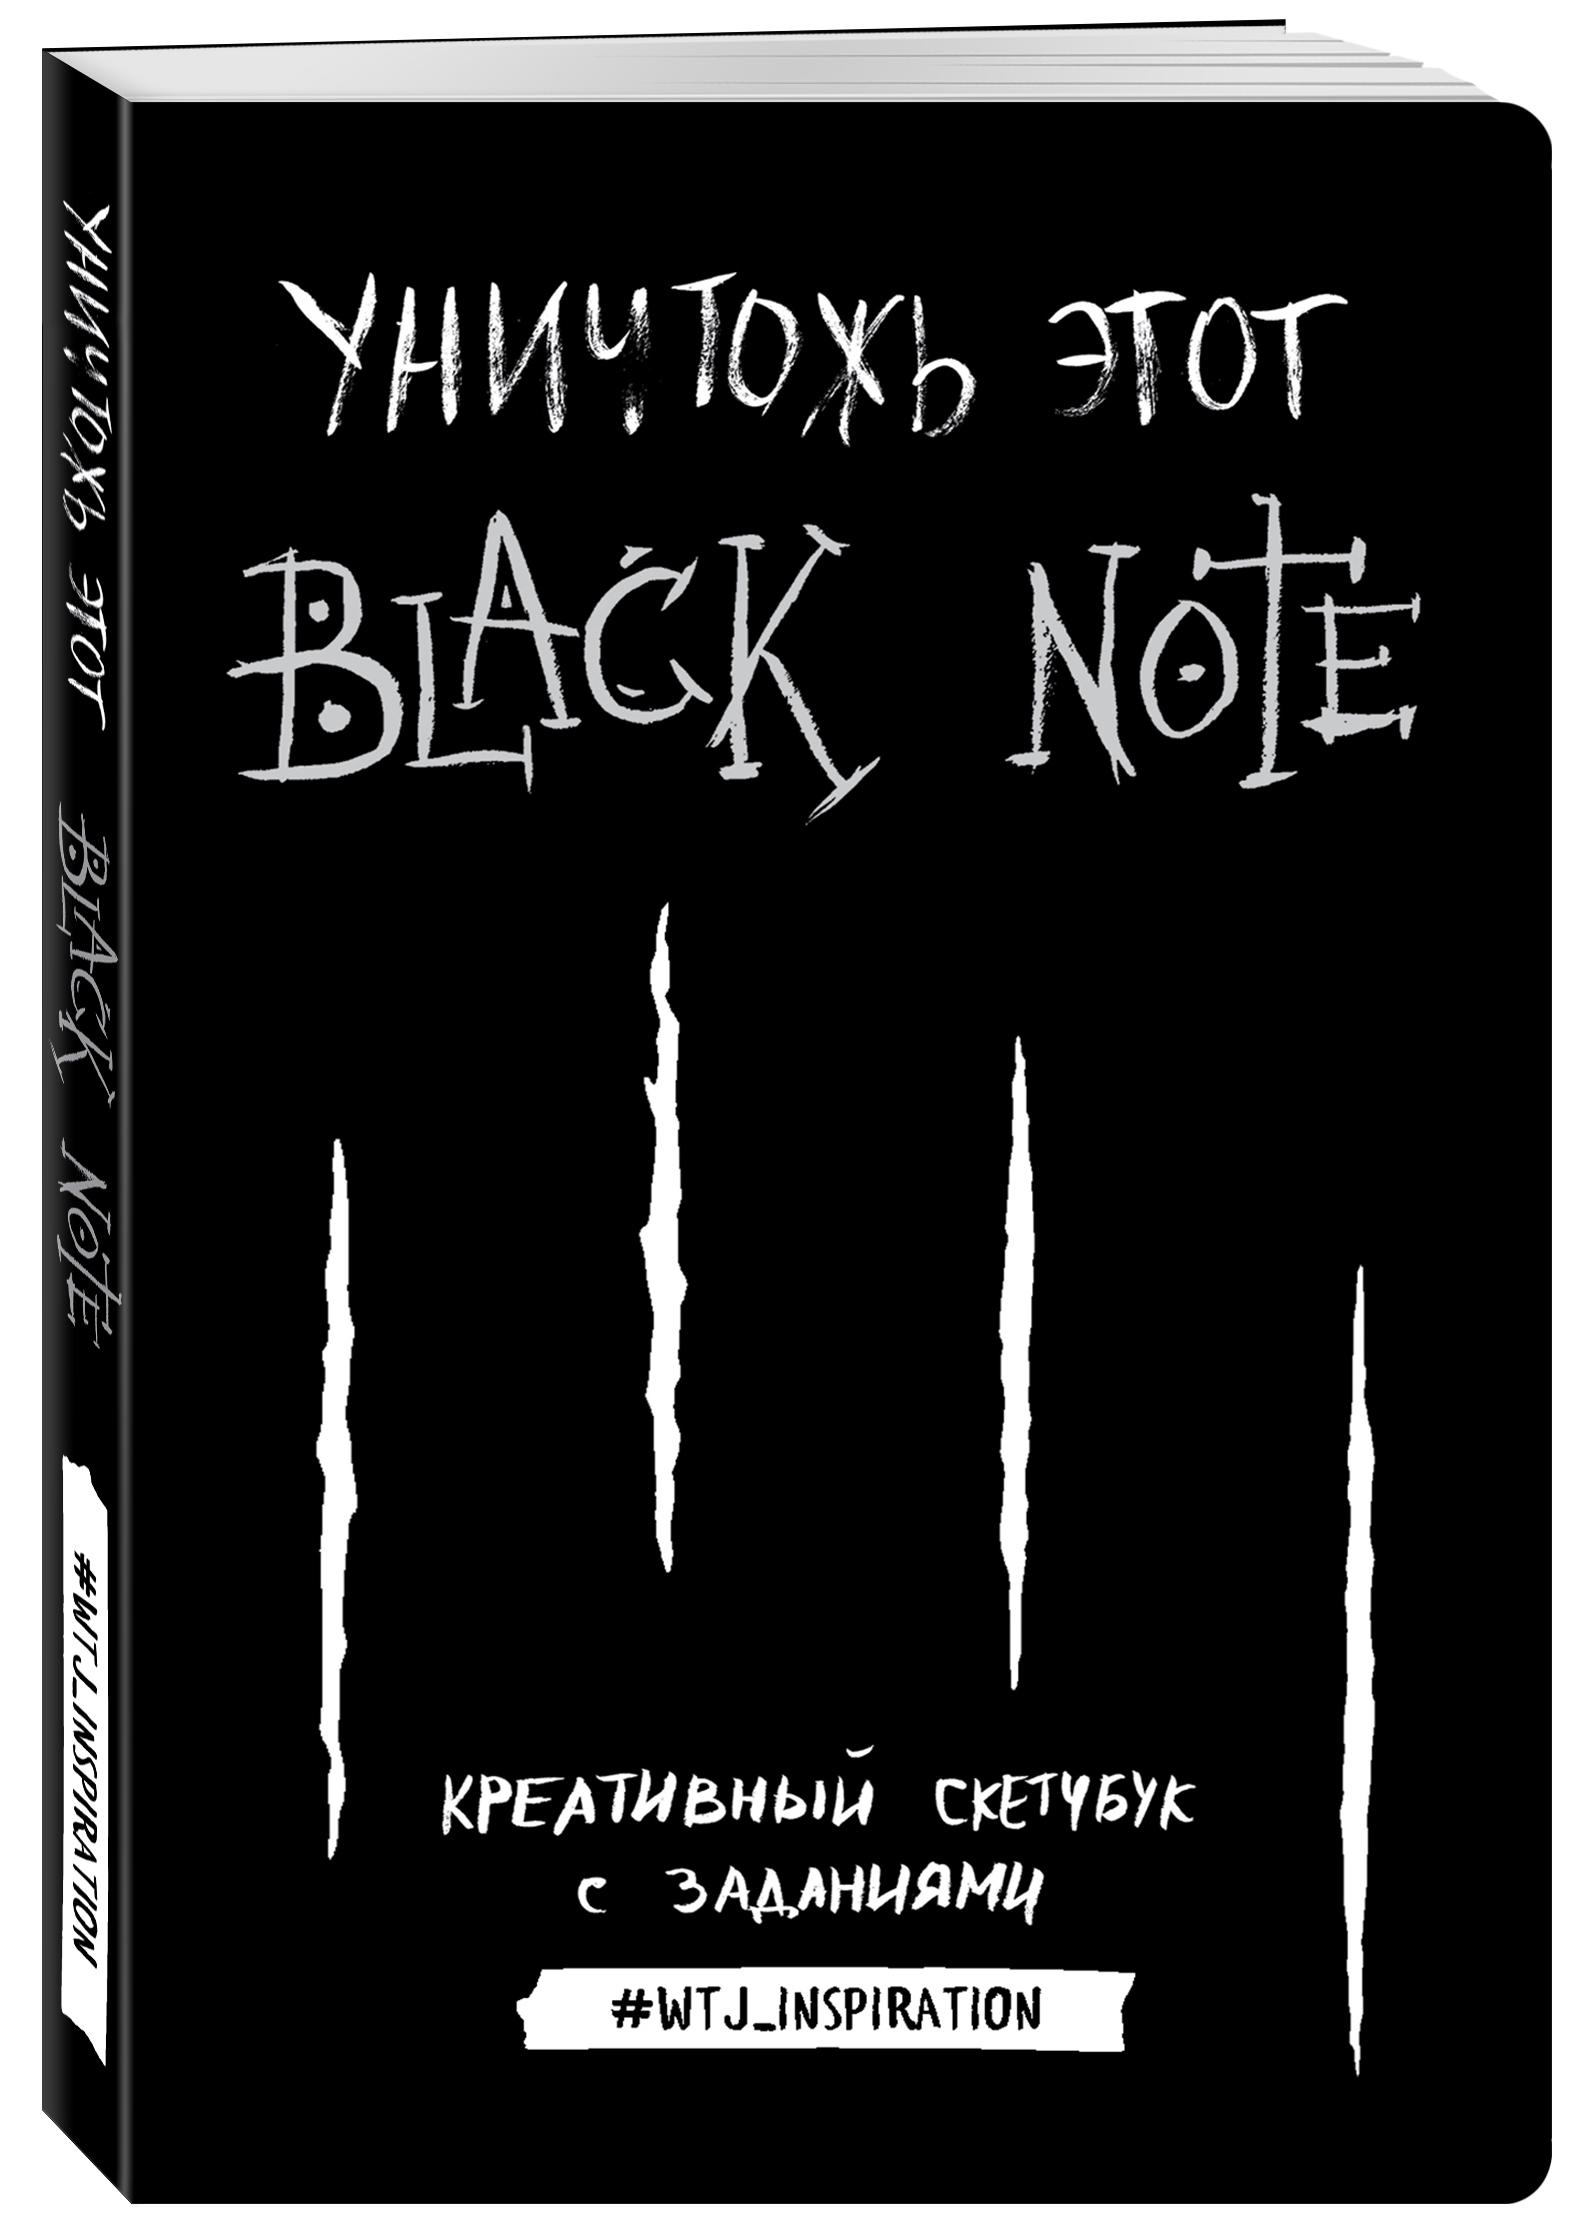 Уничтожь этот Black Note. Креативный скетчбук с заданиями comic note скетчбук для создания собственного комикса